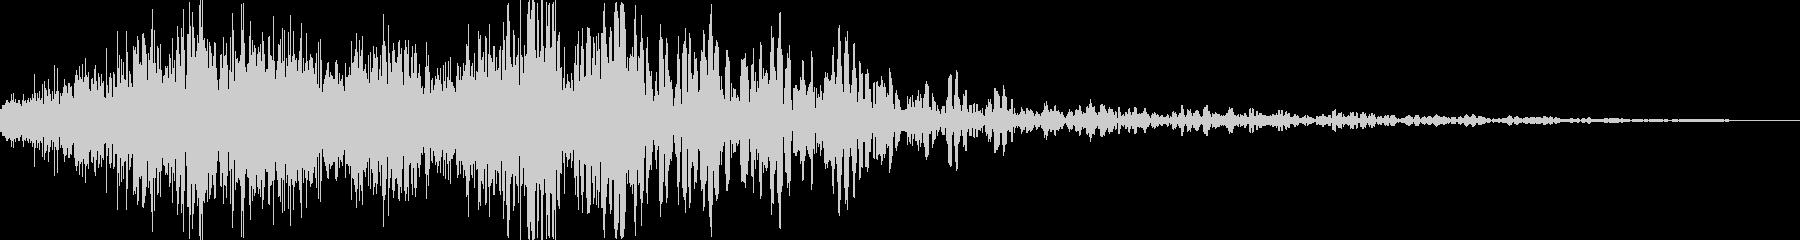 重力魔法(反重力空間の音)の未再生の波形